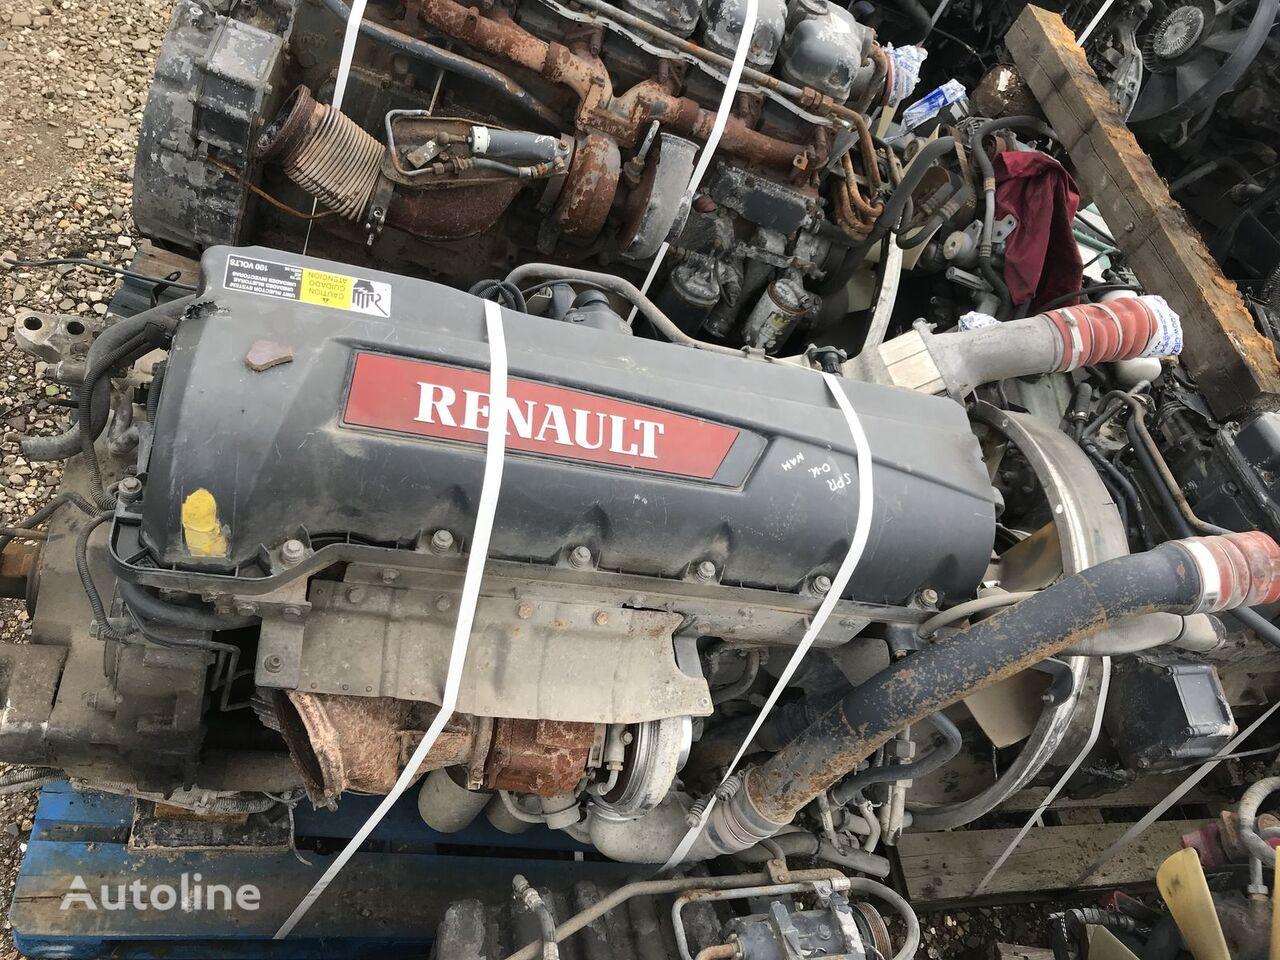 motor RENAULT DXi11 450 EC06 para tractora RENAULT PREMIUM